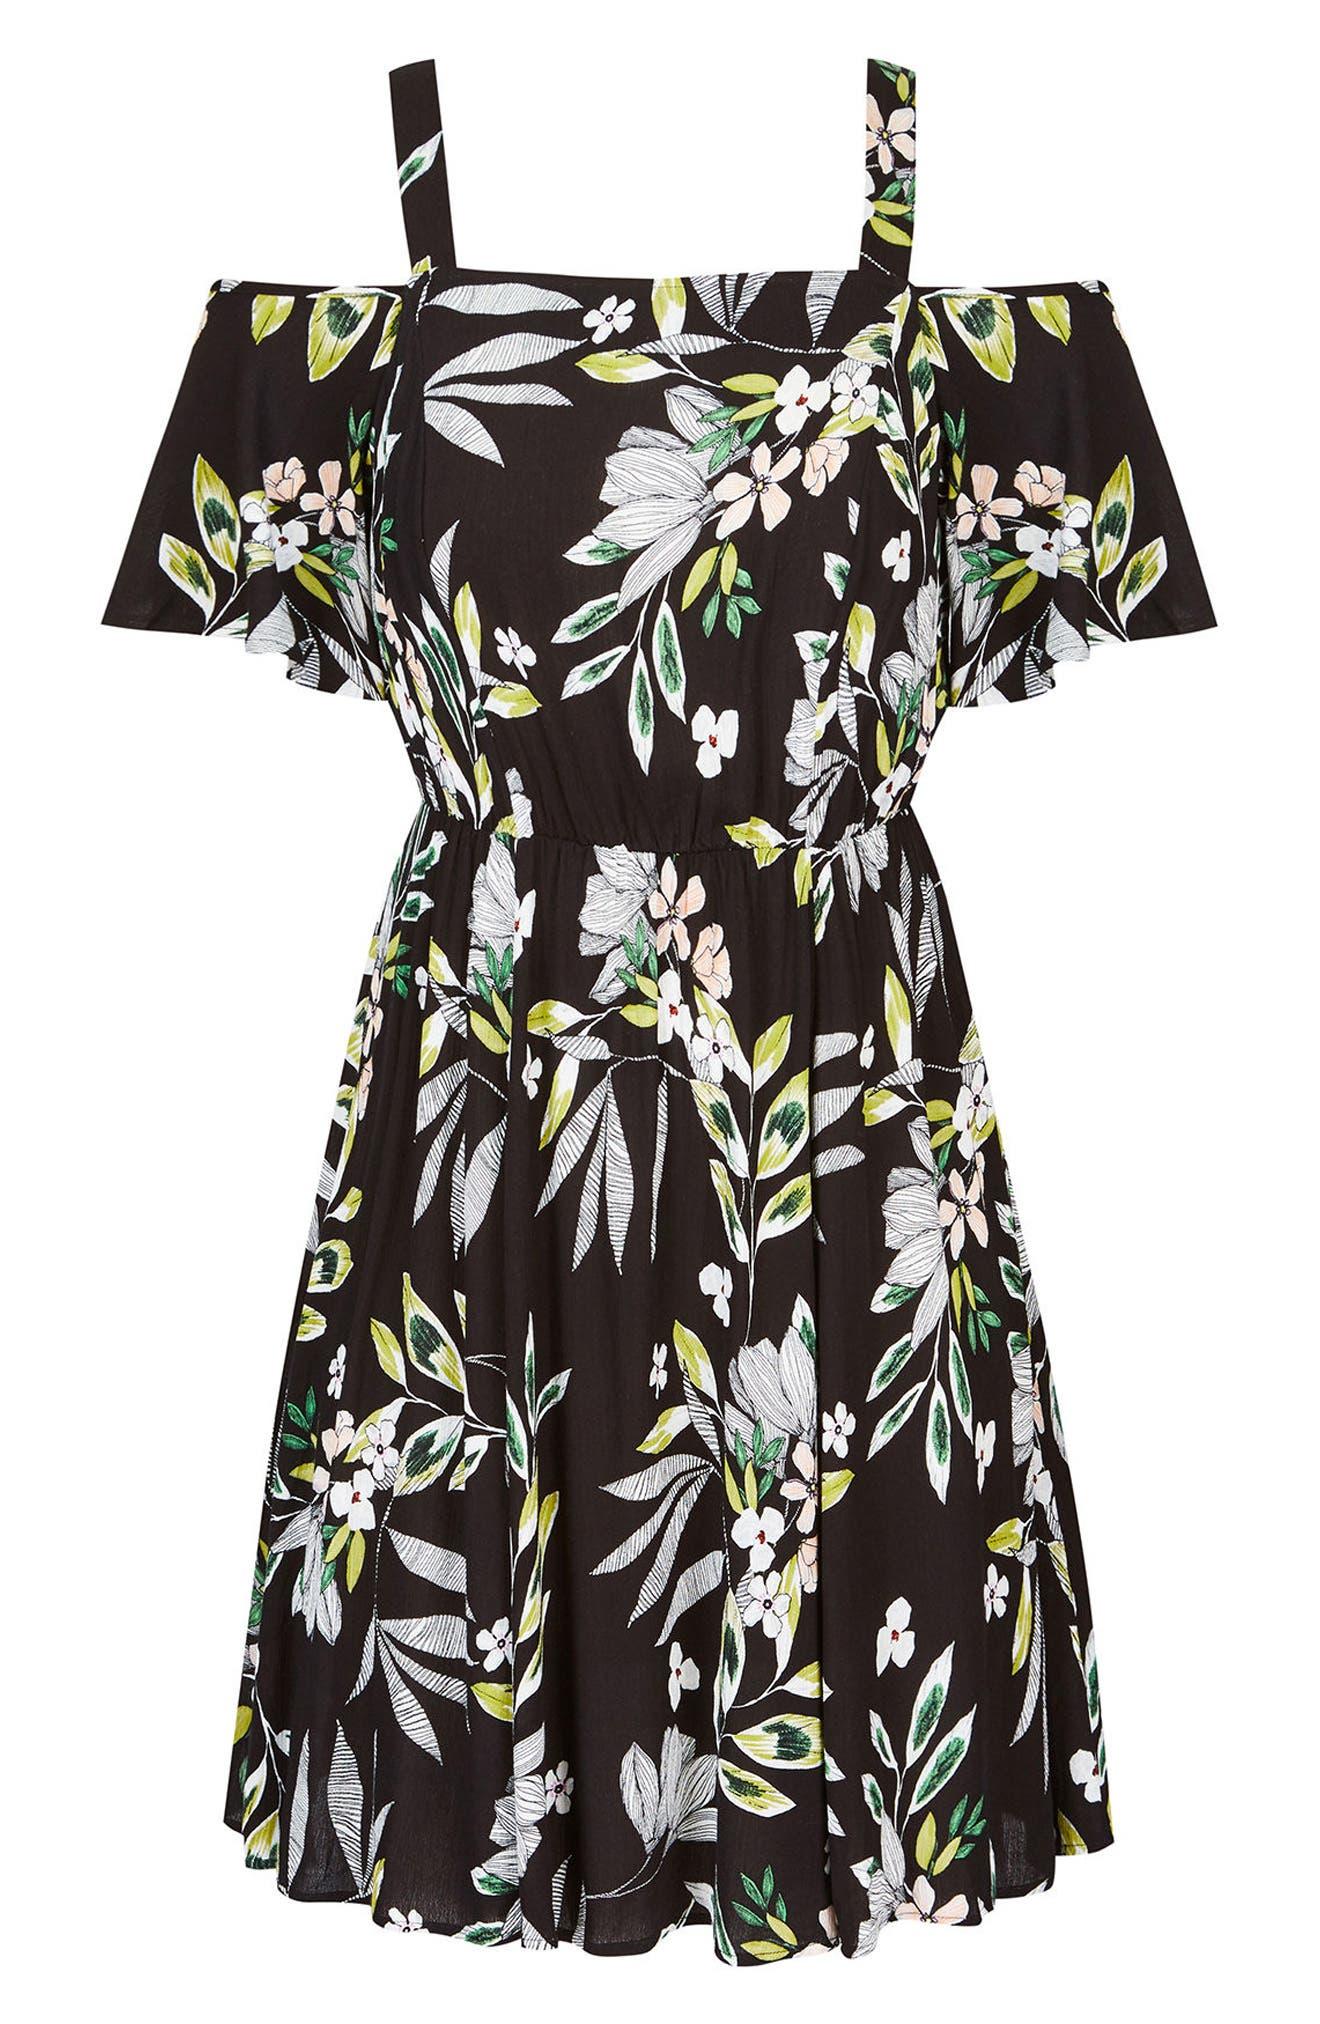 Maui Floral Cold Shoulder Dress,                             Alternate thumbnail 3, color,                             Maui Floral